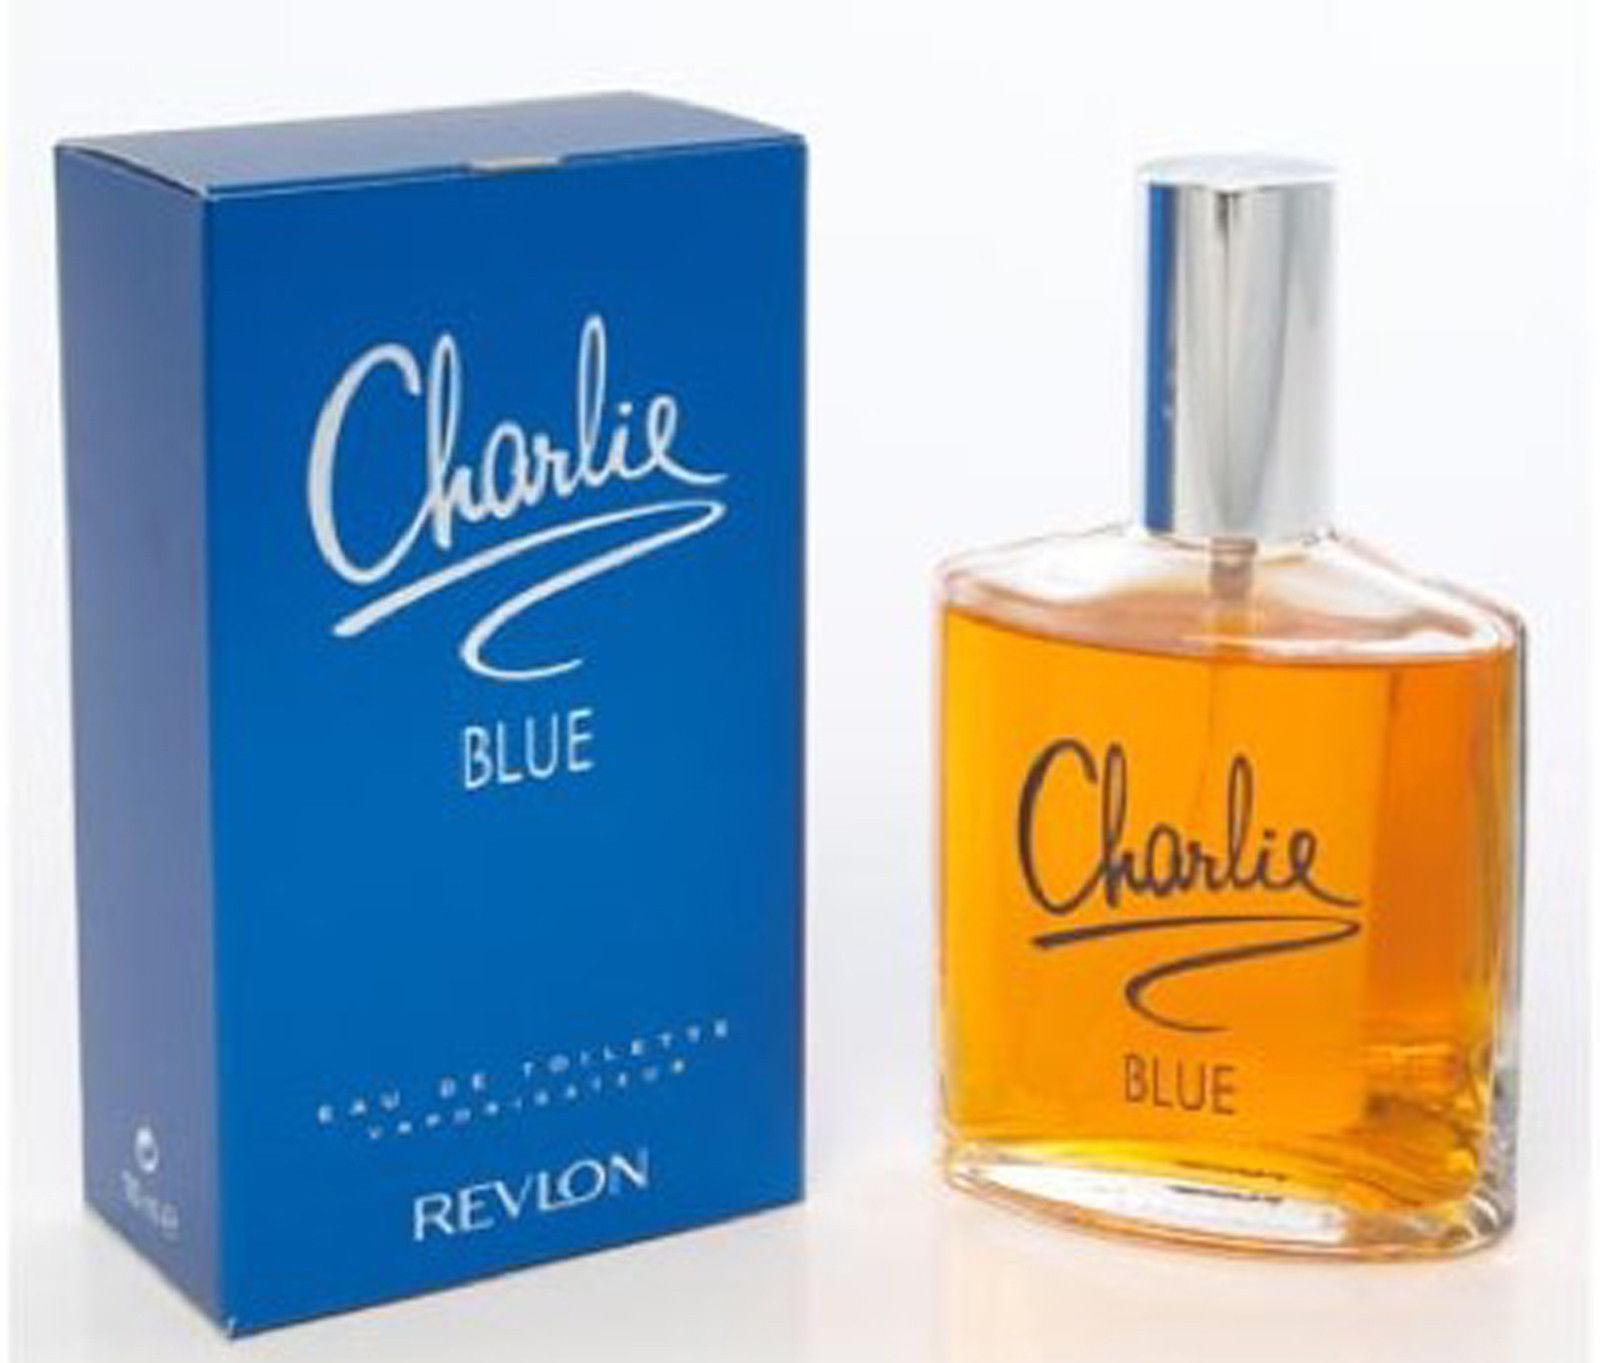 5000386004628 Corpoecapelli Blue Charlie Toilette Eau De pSMUVz